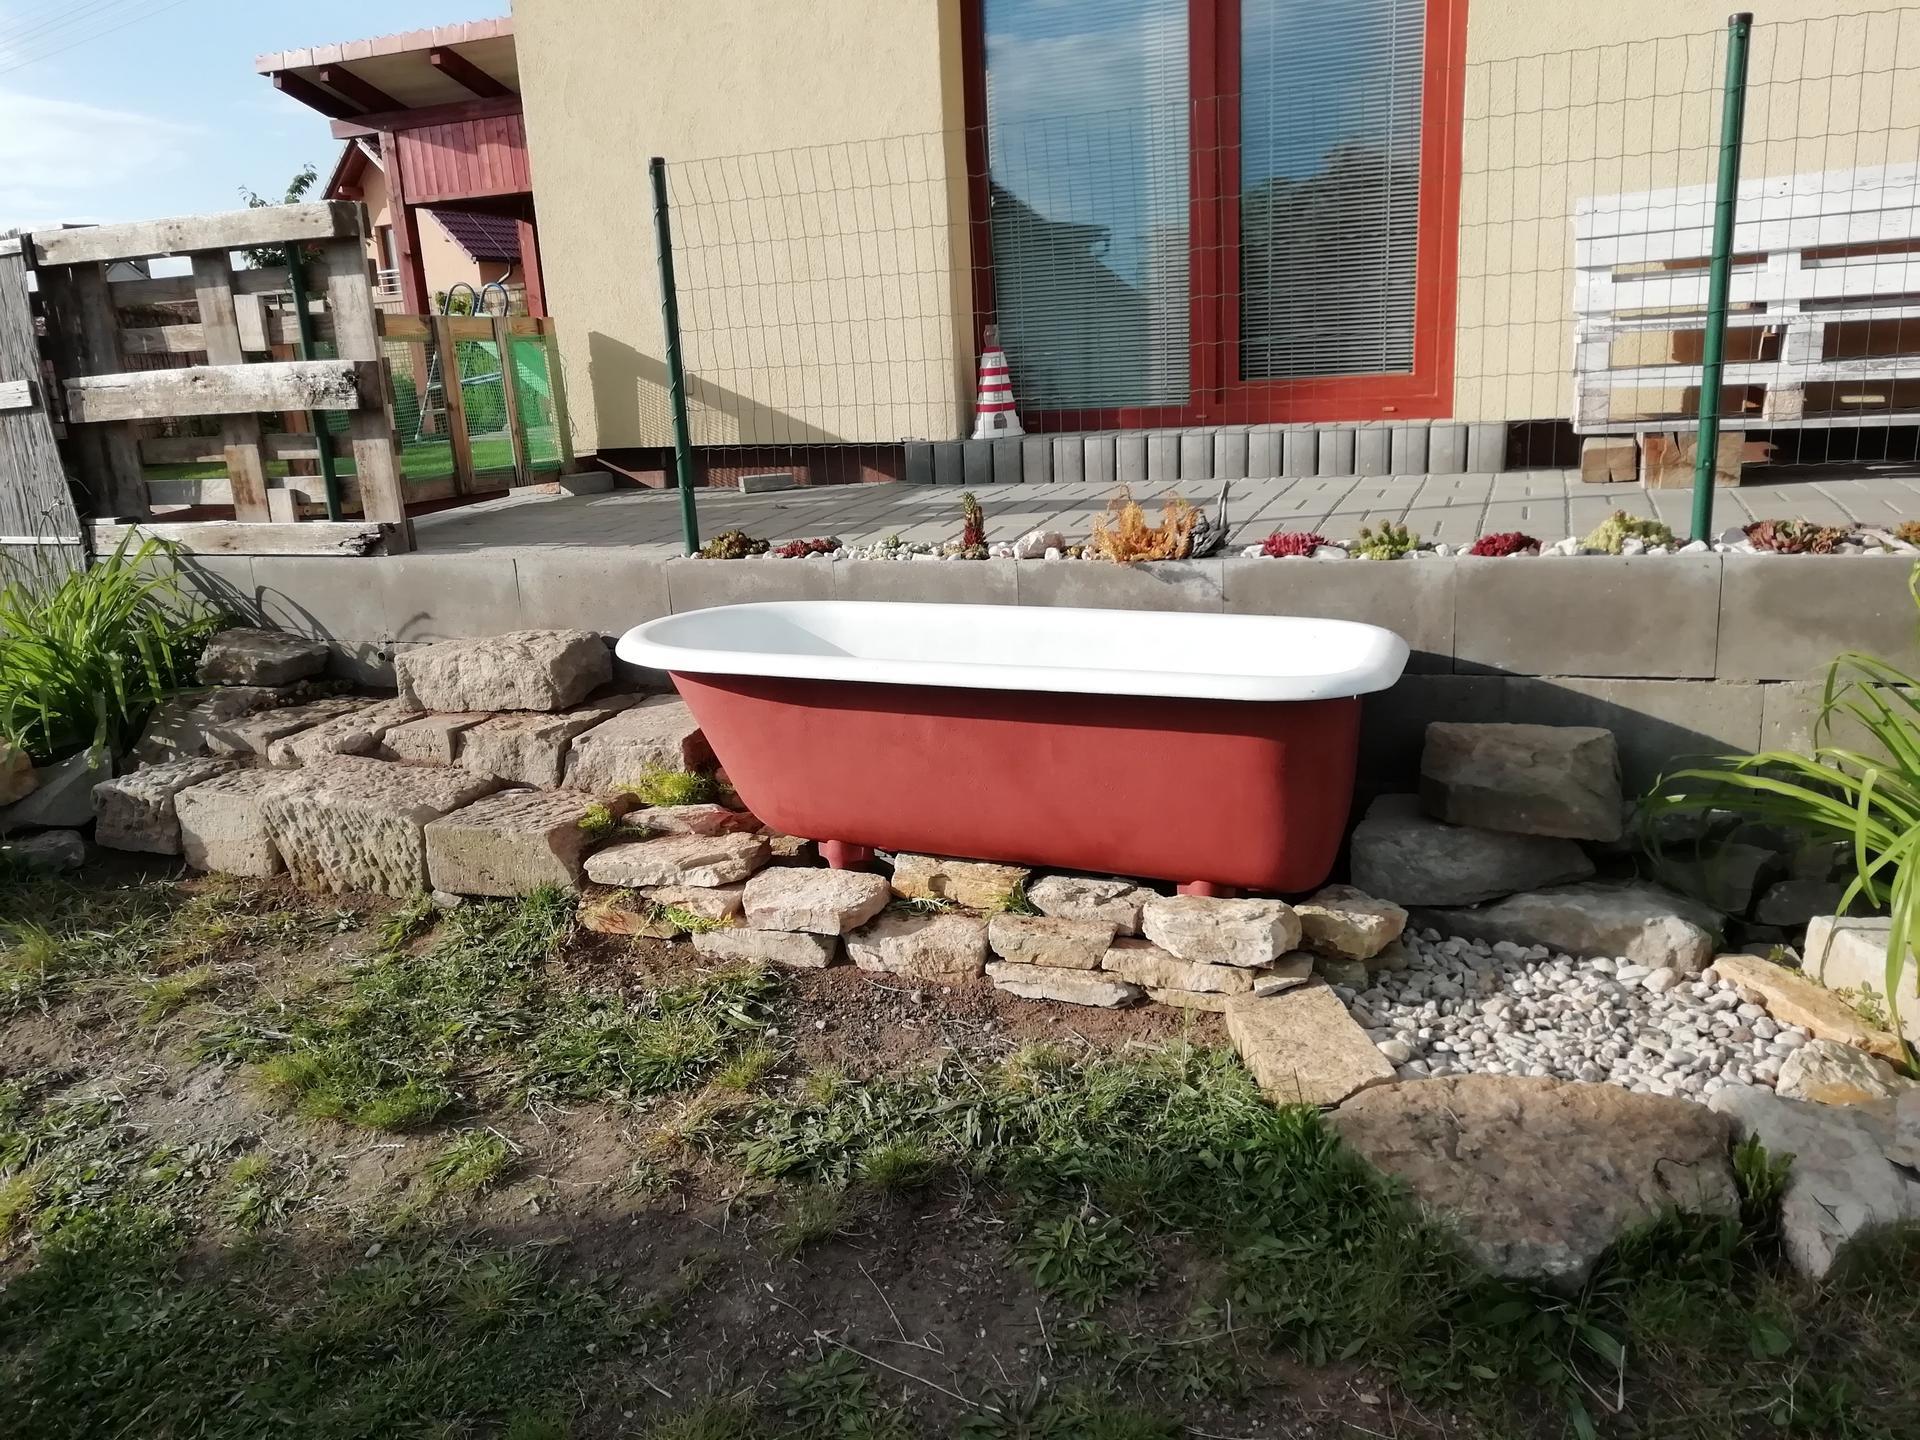 Venku (tam kde už to nevypadá jako staveniště) - vana je na místě, ještě chybí vybalit solární sprchu :)